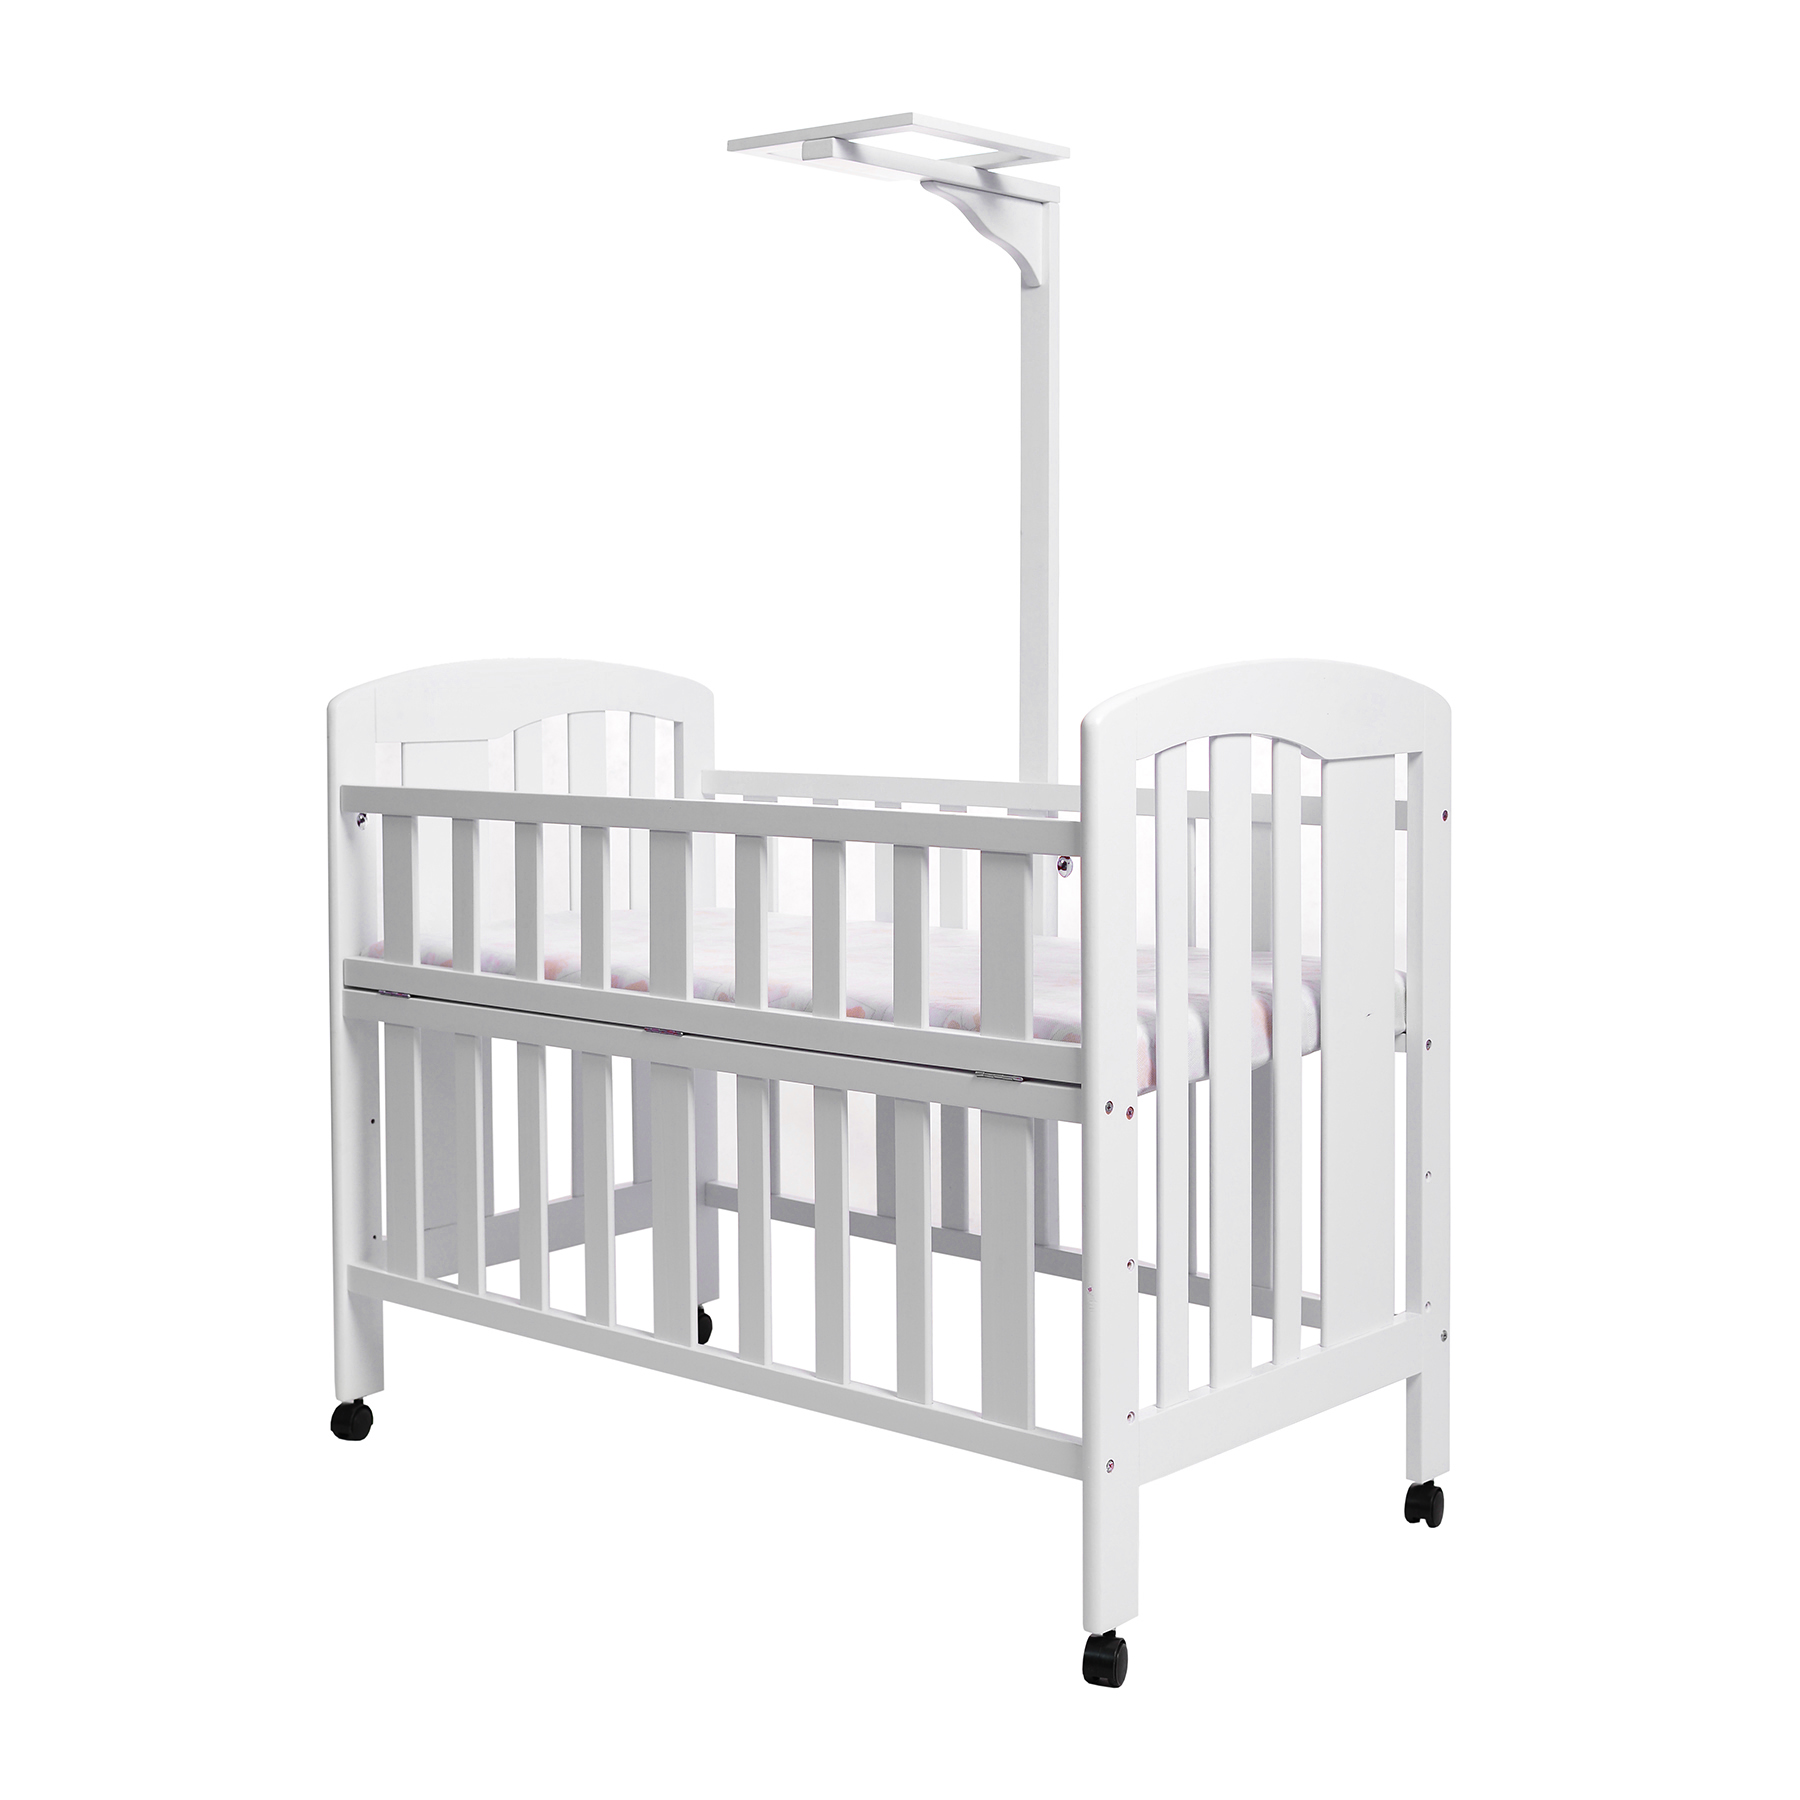 Royal Wooden Baby Crib | Spotsewa - Sewa menyewa jadi lebih mudah di Spotsewa